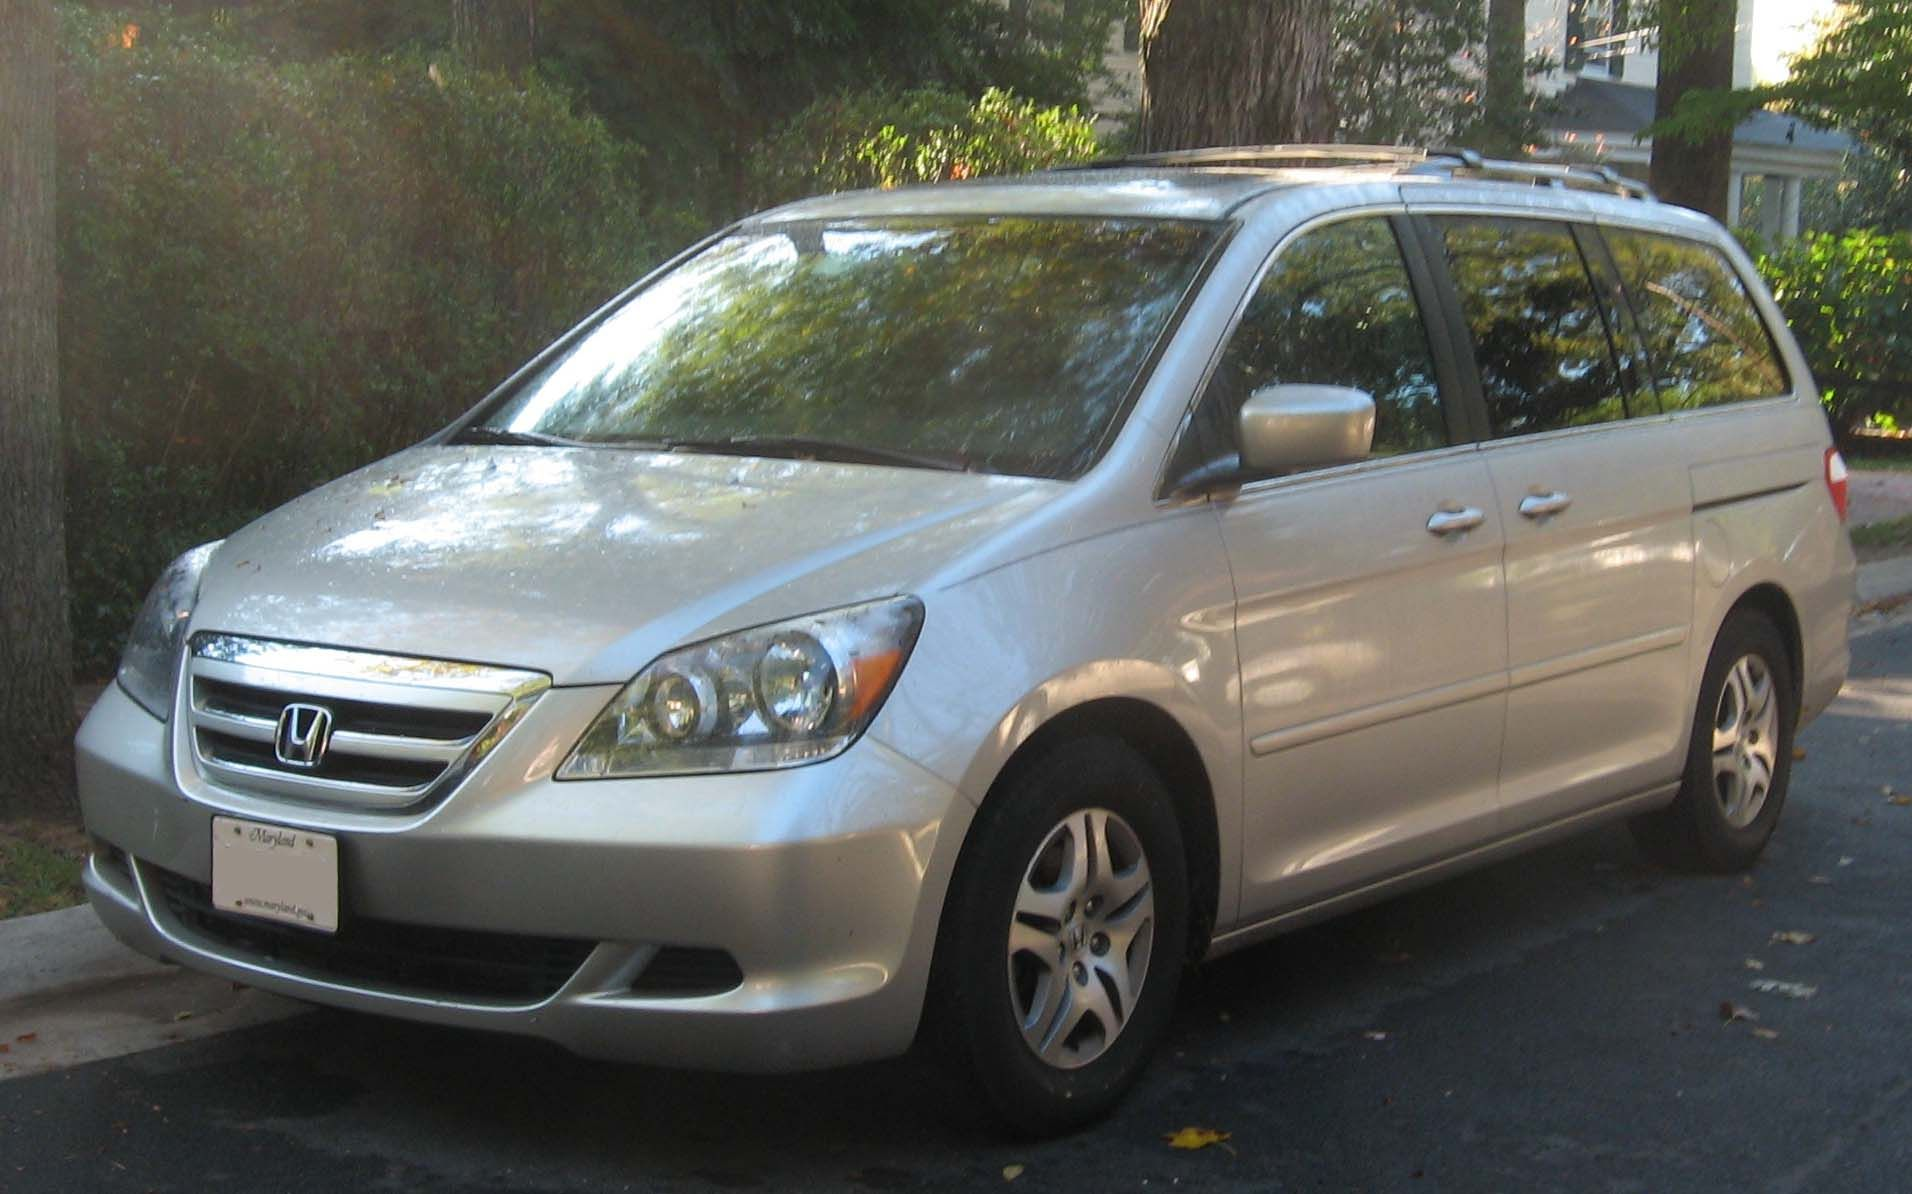 Kelebihan Honda Odyssey 2005 Tangguh